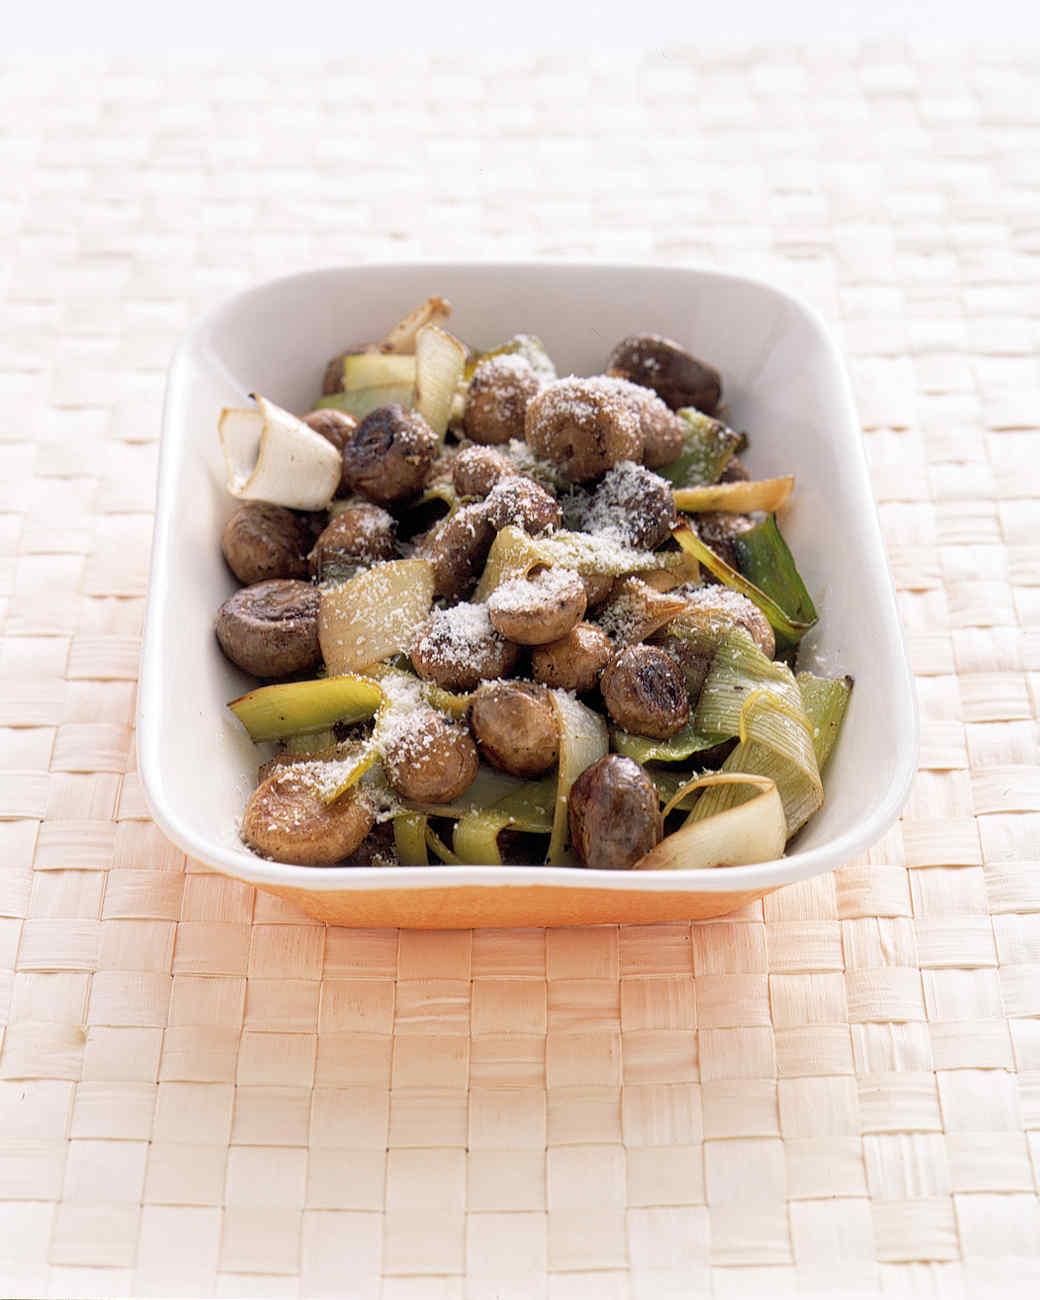 Grilled Mushrooms and Leeks